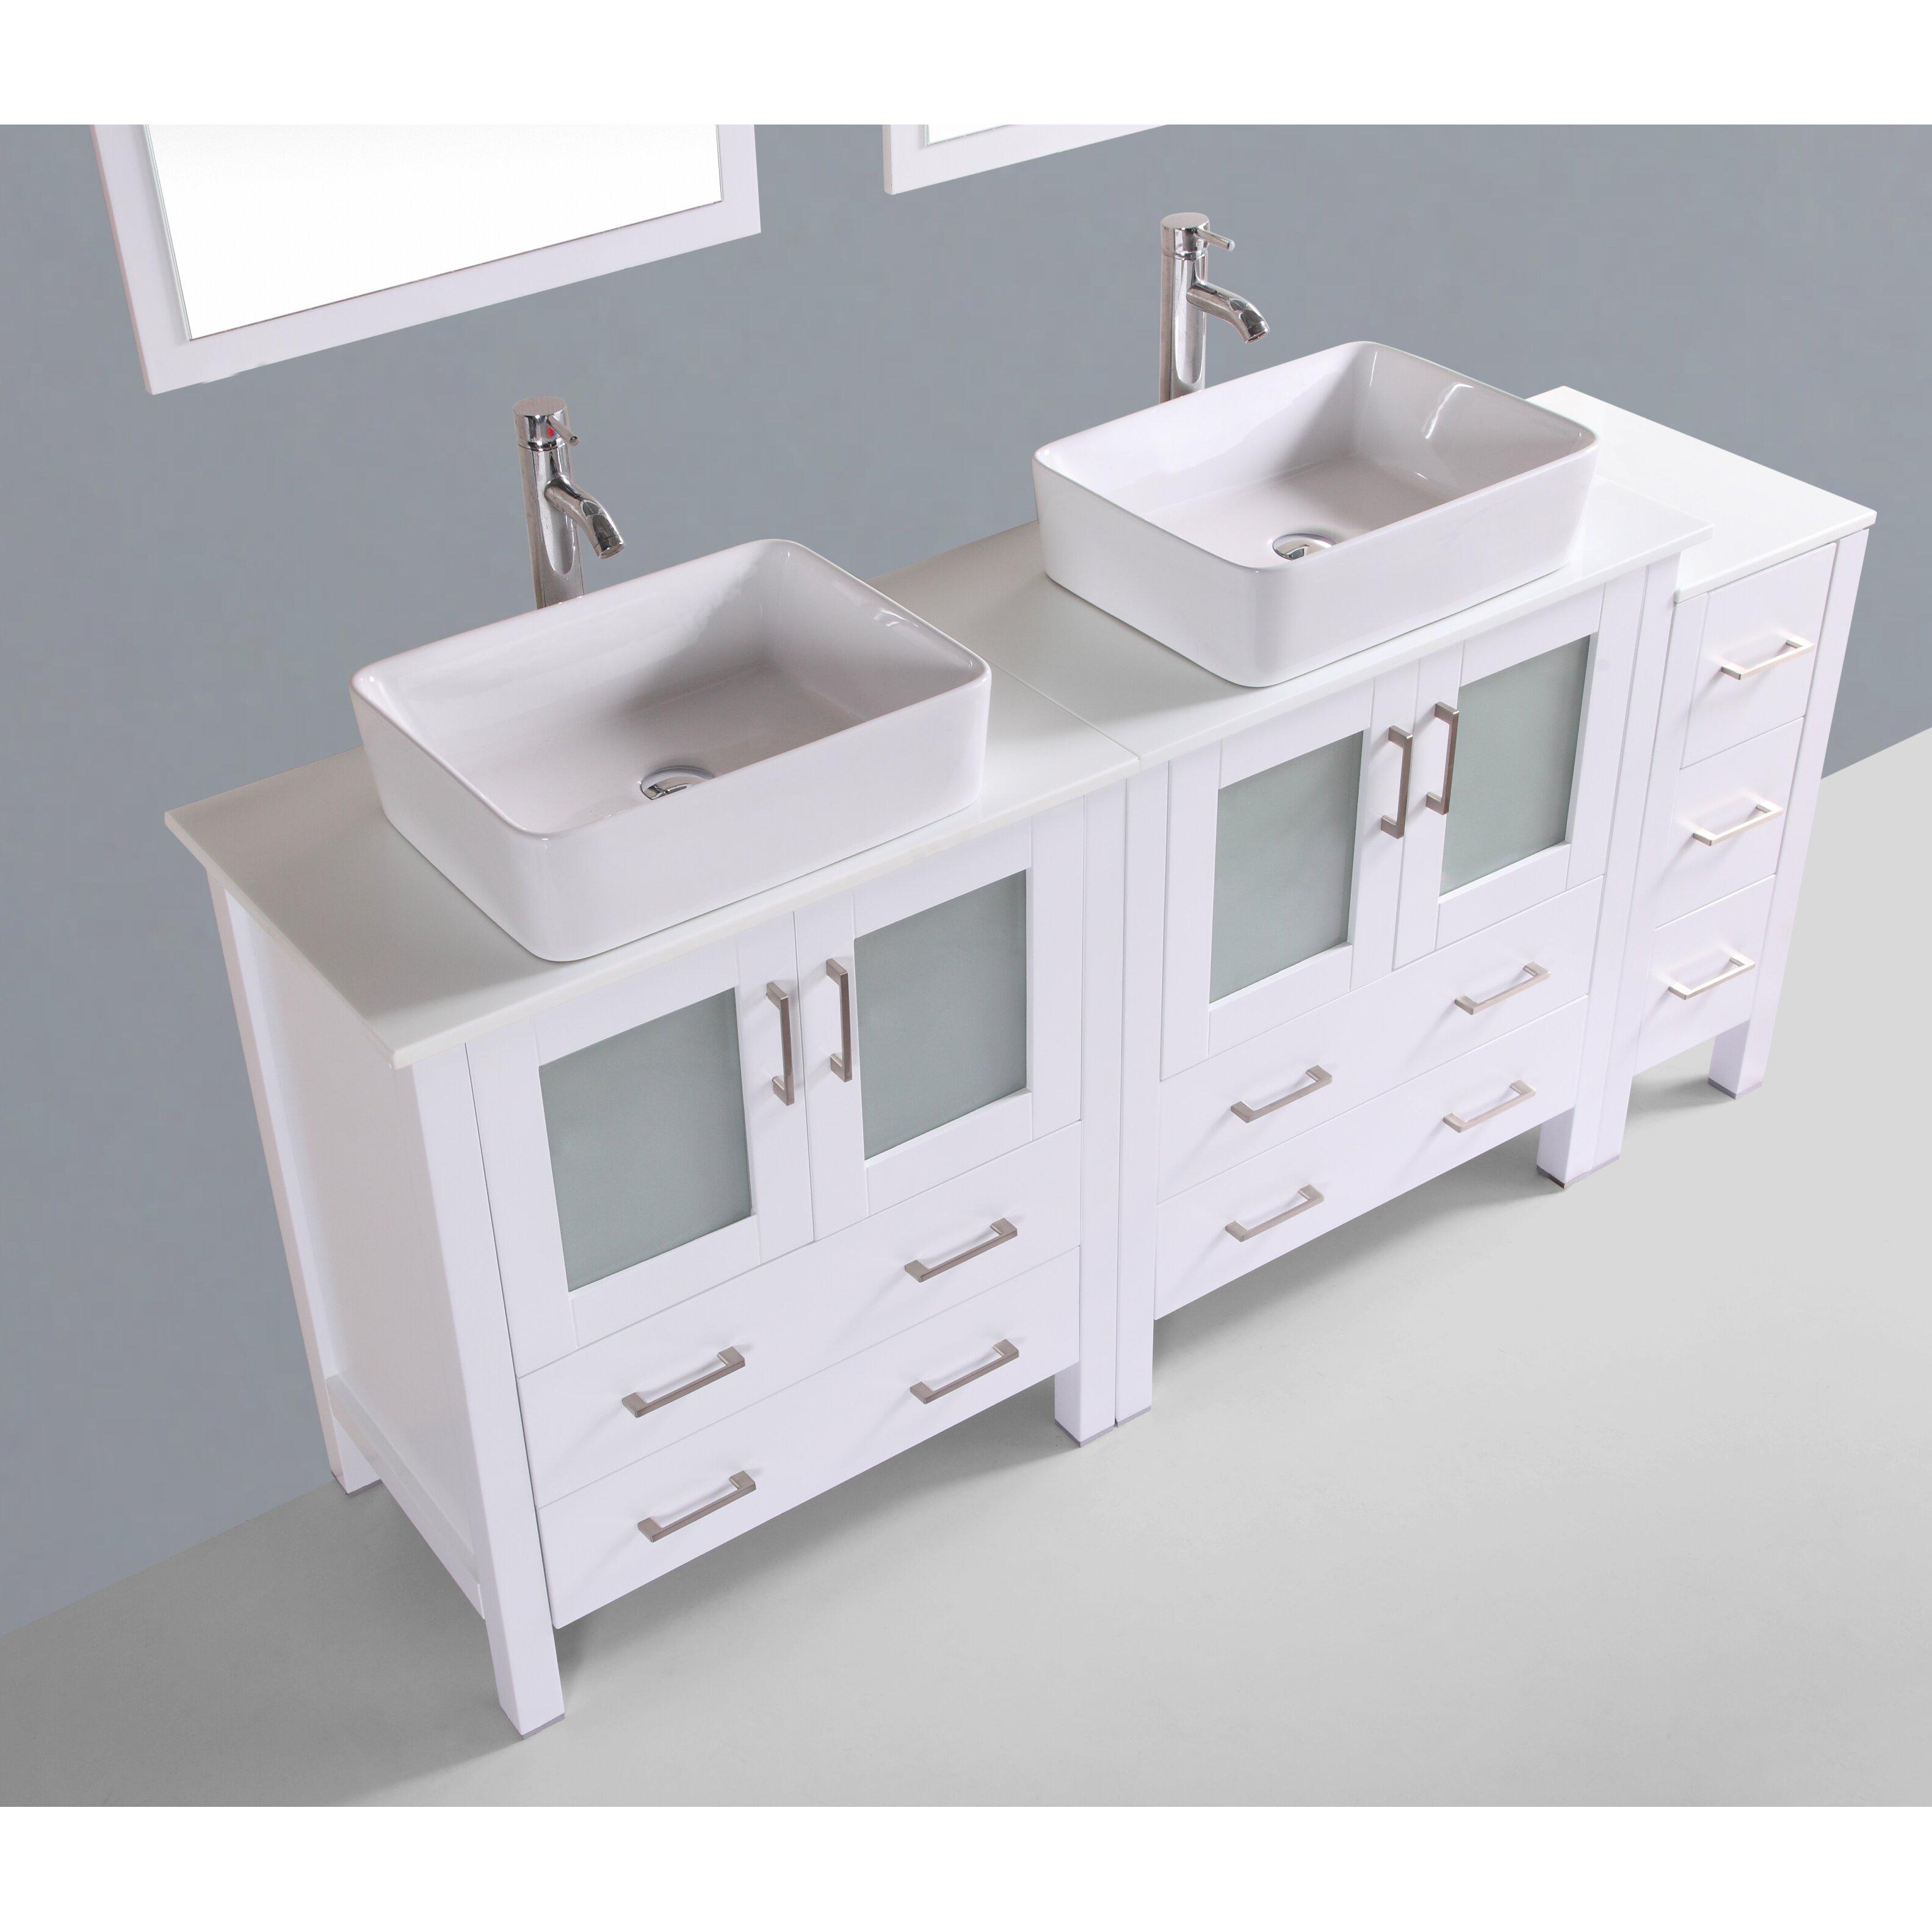 Bosconi contemporary 72 double bathroom vanity set with - Contemporary bathroom vanity sets ...